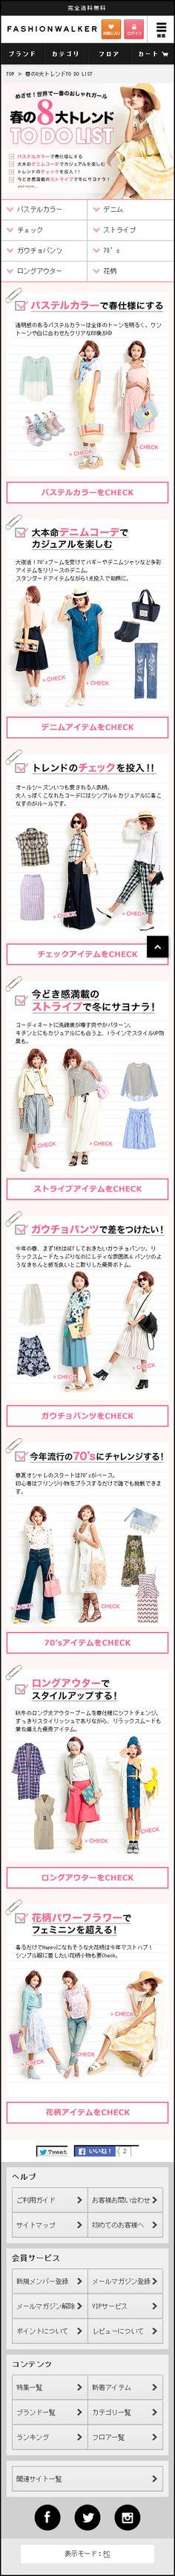 春の8大トレンドTO DO LIST|ファッション通販【ファッションウォーカー】